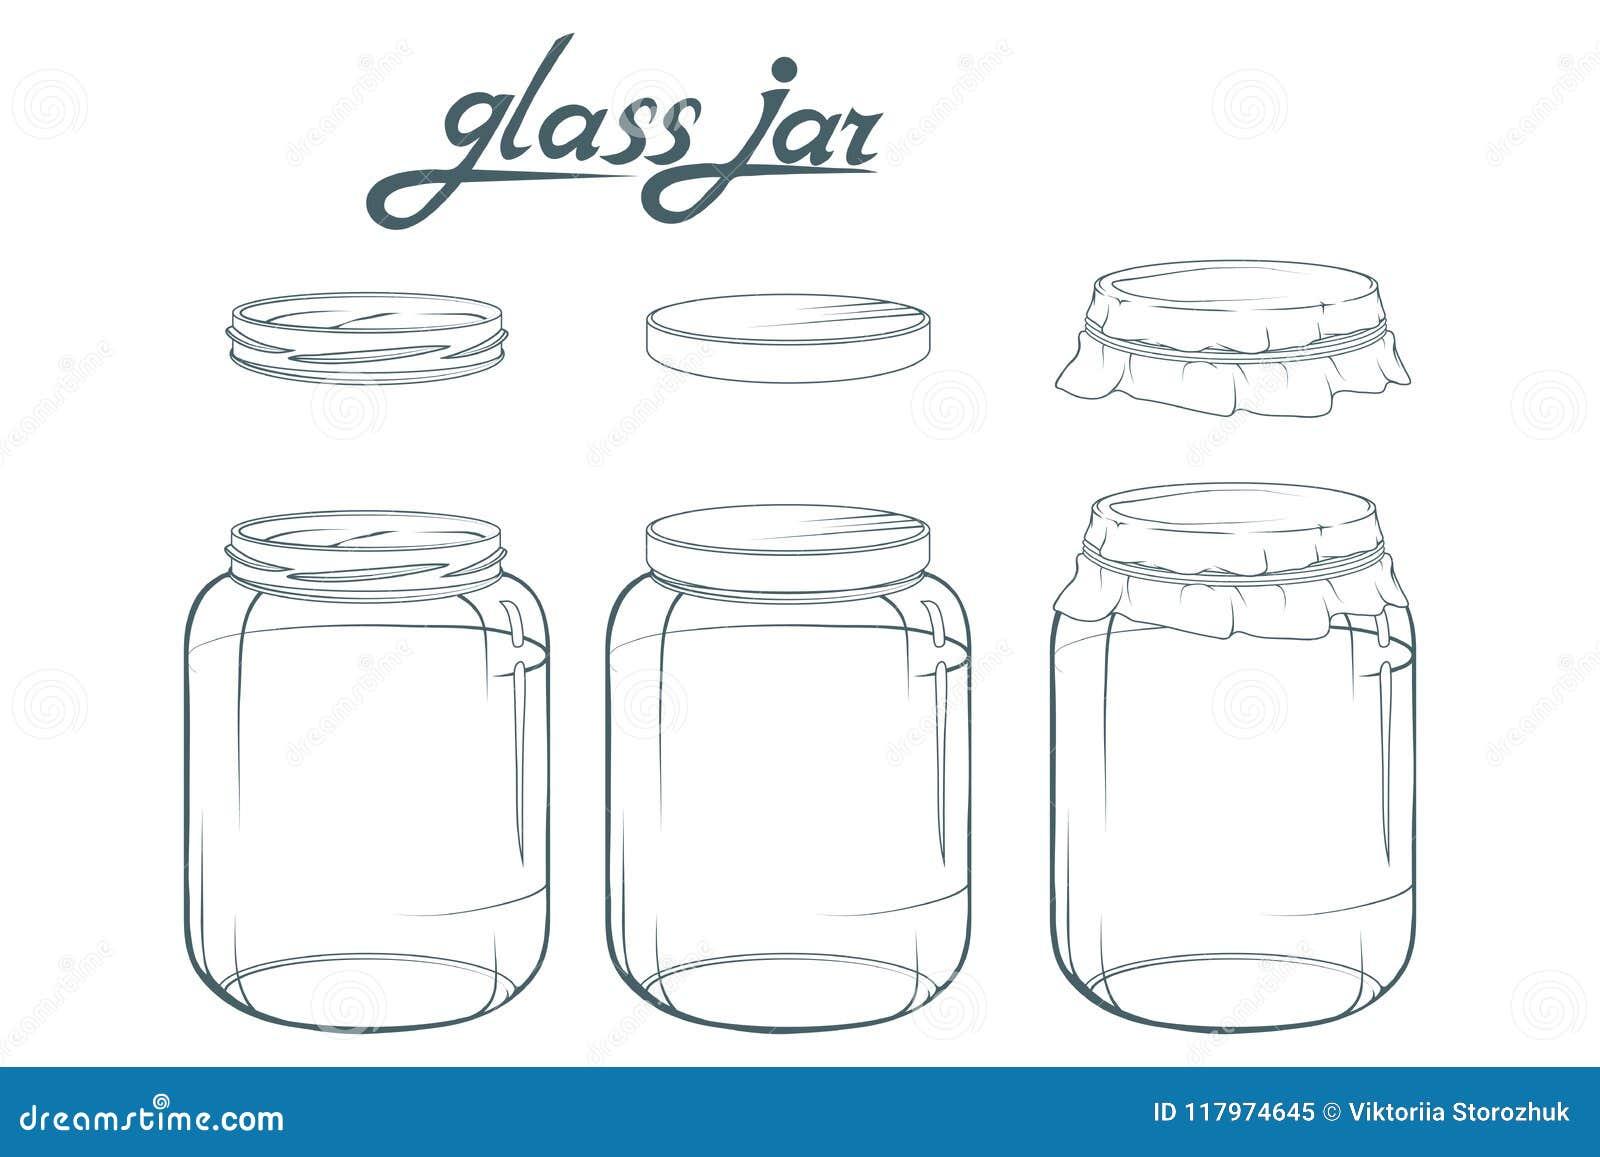 Die Körner des Kaffees werden auf einer Tabelle verschüttet Glashand gezeichnet Beschriftung des Glasgefäßes